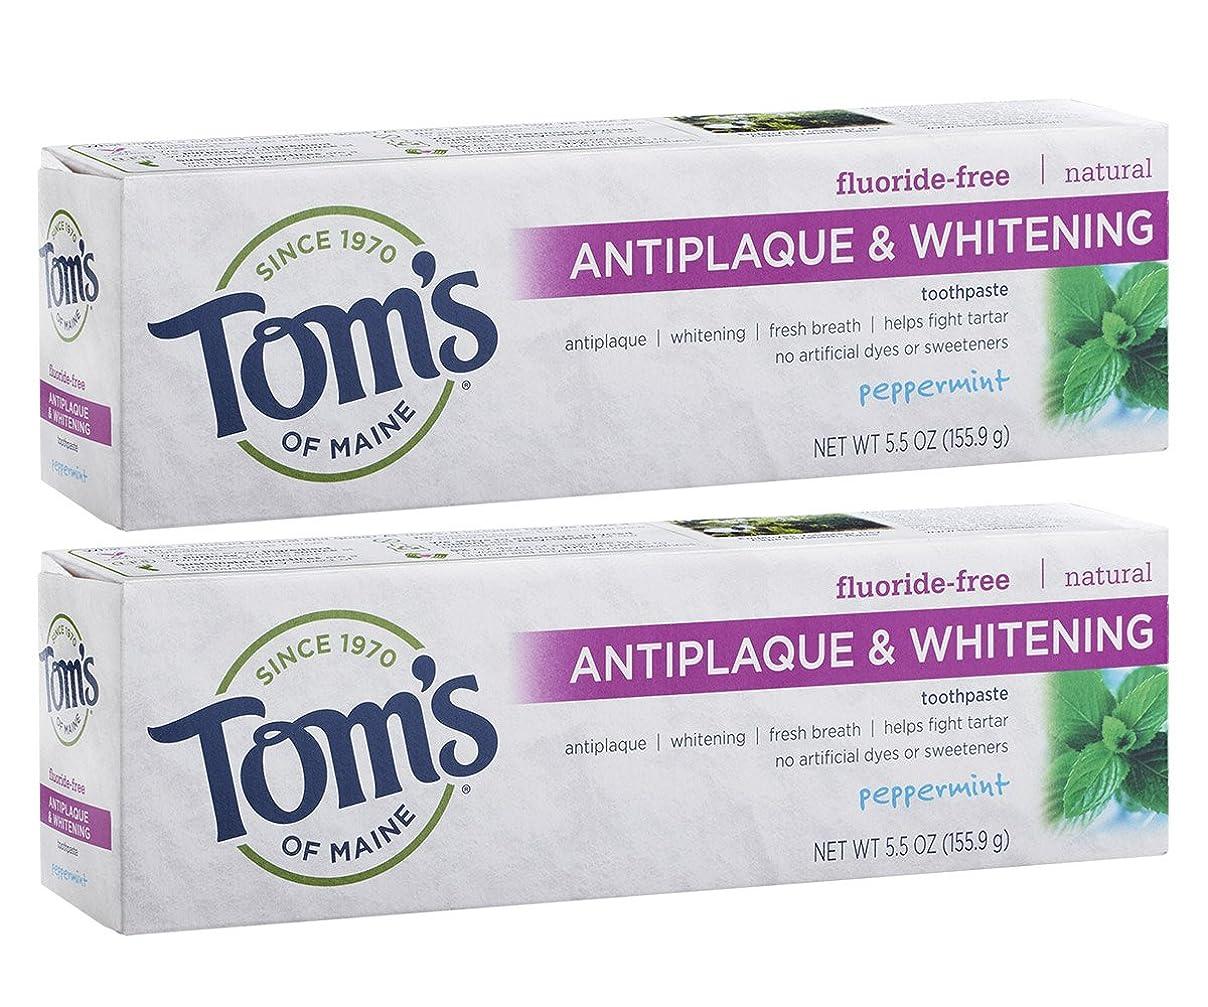 七面鳥信じられない活力Tom's of Maine Antiplaque And Whitening Fluoride-Free Toothpaste, Peppermint, 5.5-Ounce by Tom's of Maine